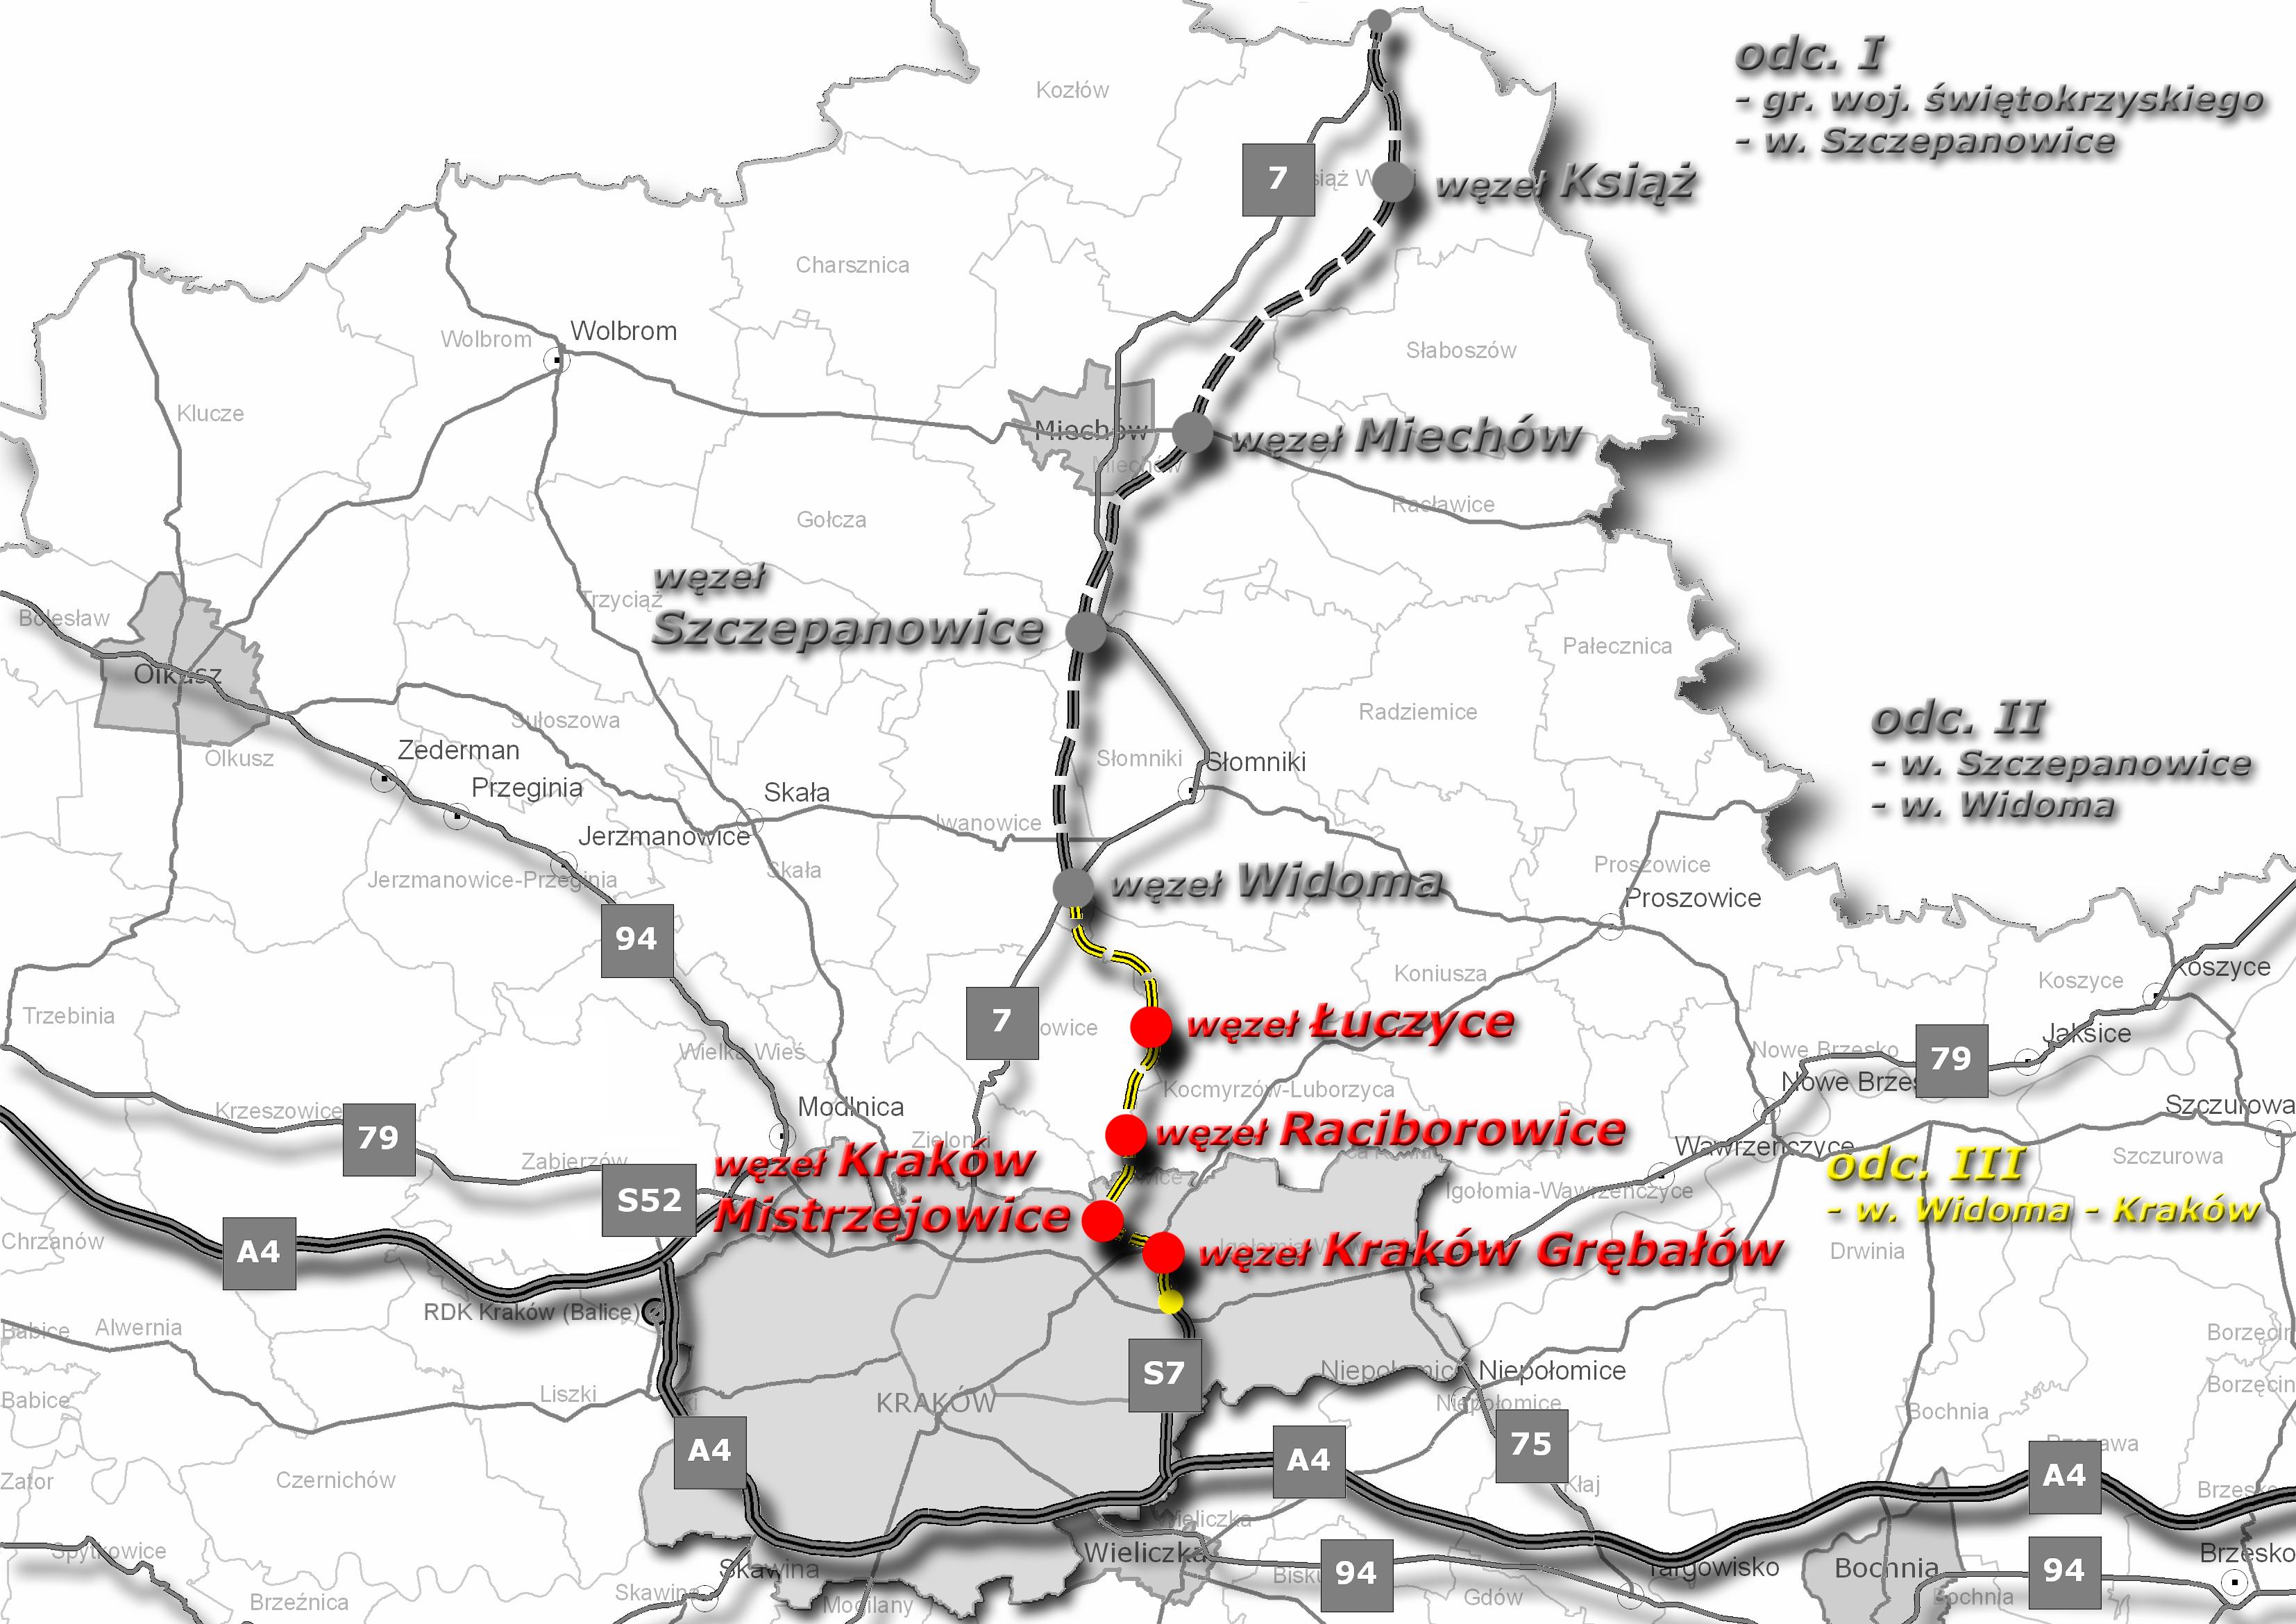 Dokladne Mapy Krakowskiej S7 Juz Dostepne Aktualnosci 70nh